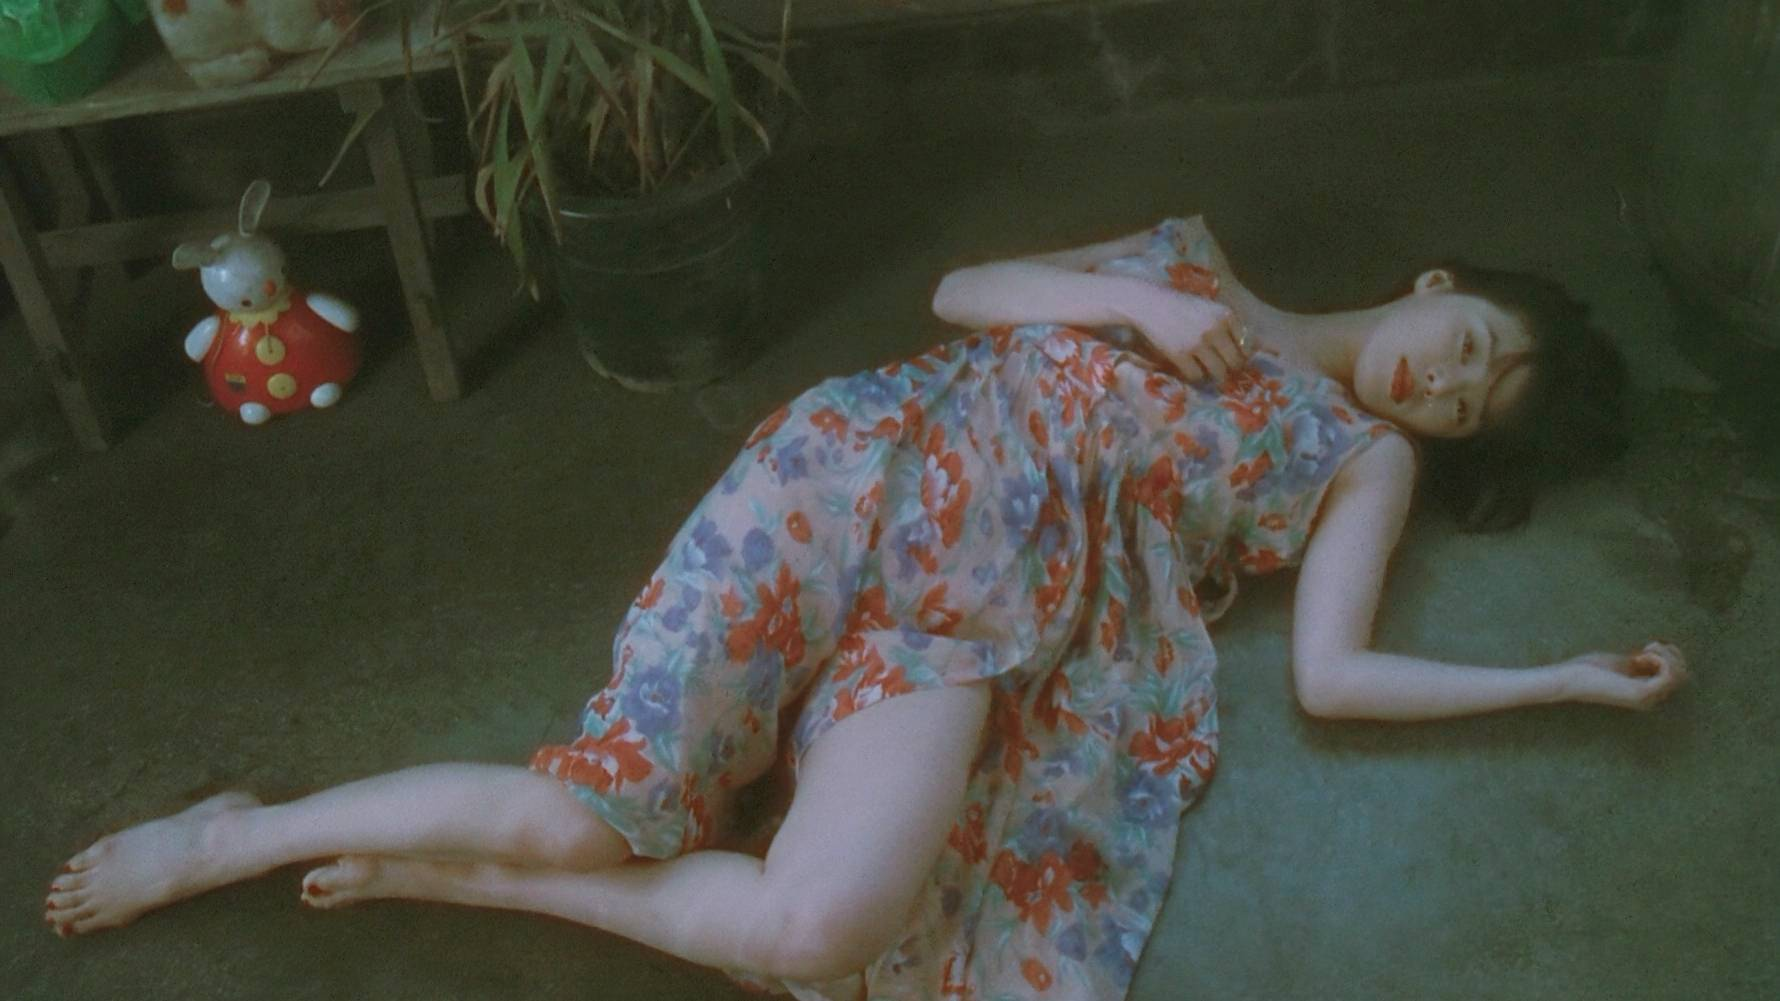 豆瓣8.7,一部极度压抑的日本电影,拍出了中国人在日本的辛酸